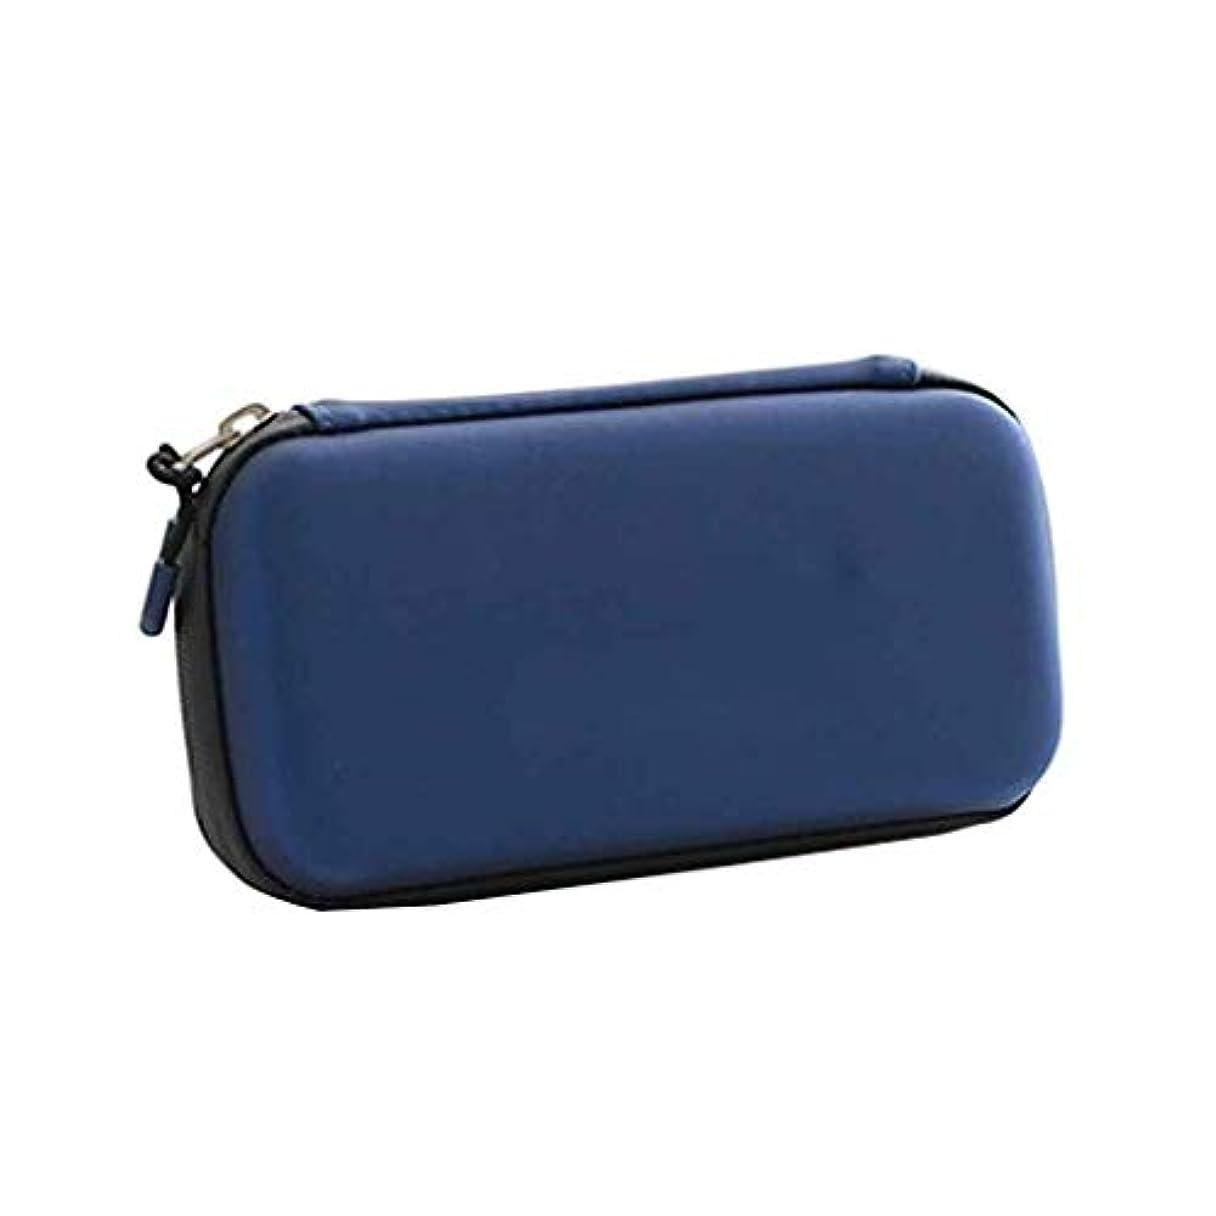 離れたワイド島TYUIO 糖尿病患者のためのインスリンクーラートラベルケース4アイスパックで薬物を整理-ポータブルで再利用可能なケース(中) (Color : Blue)